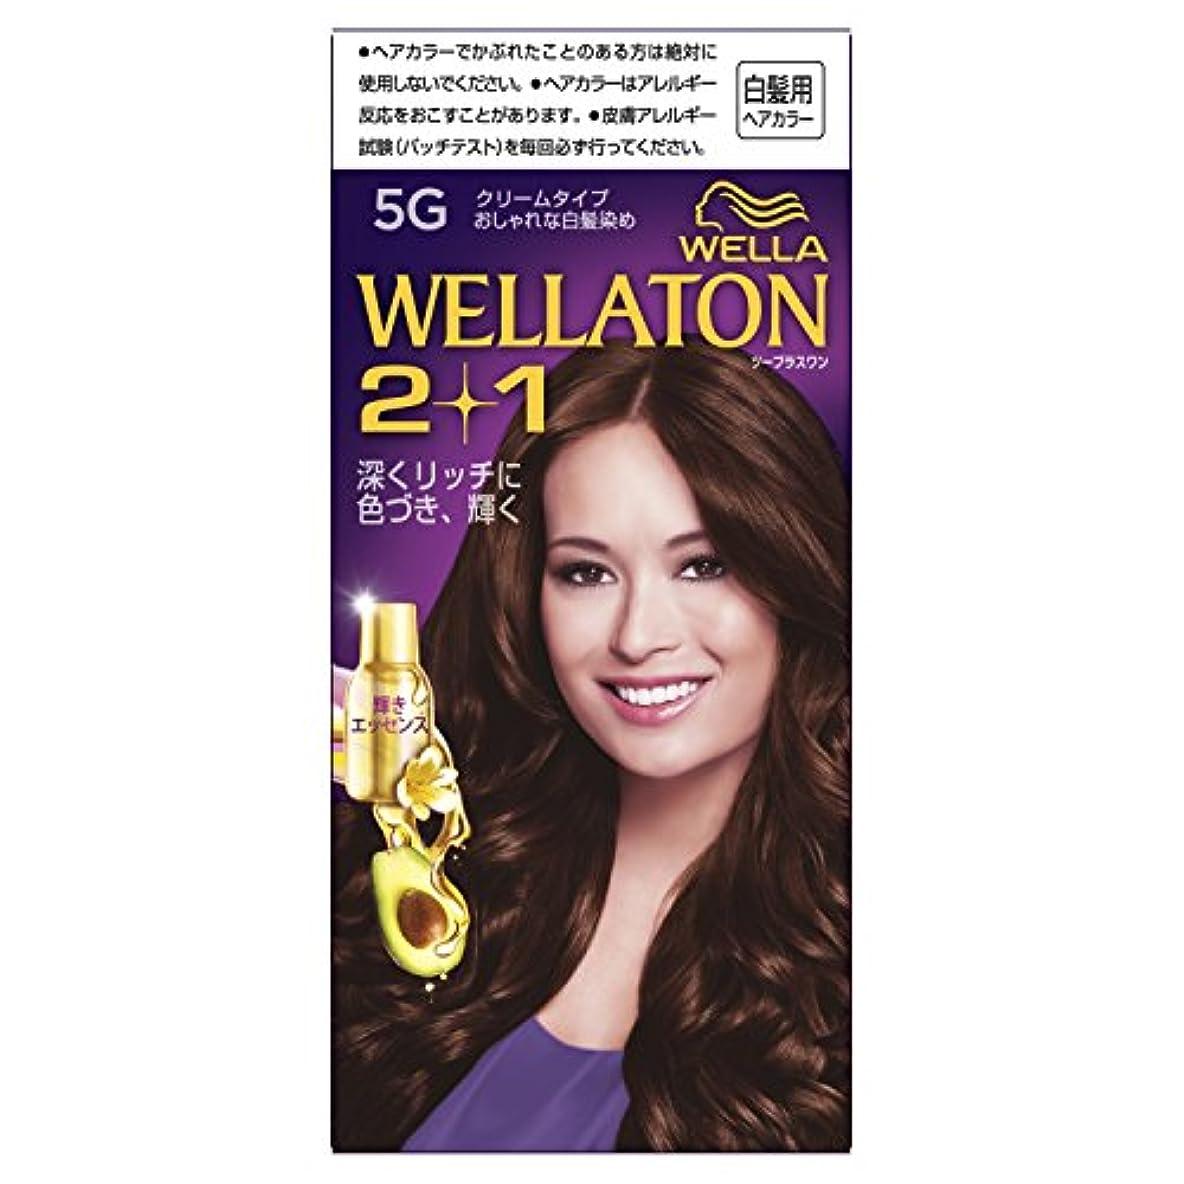 カーテン人類天のウエラトーン2+1 クリームタイプ 5G [医薬部外品](おしゃれな白髪染め)